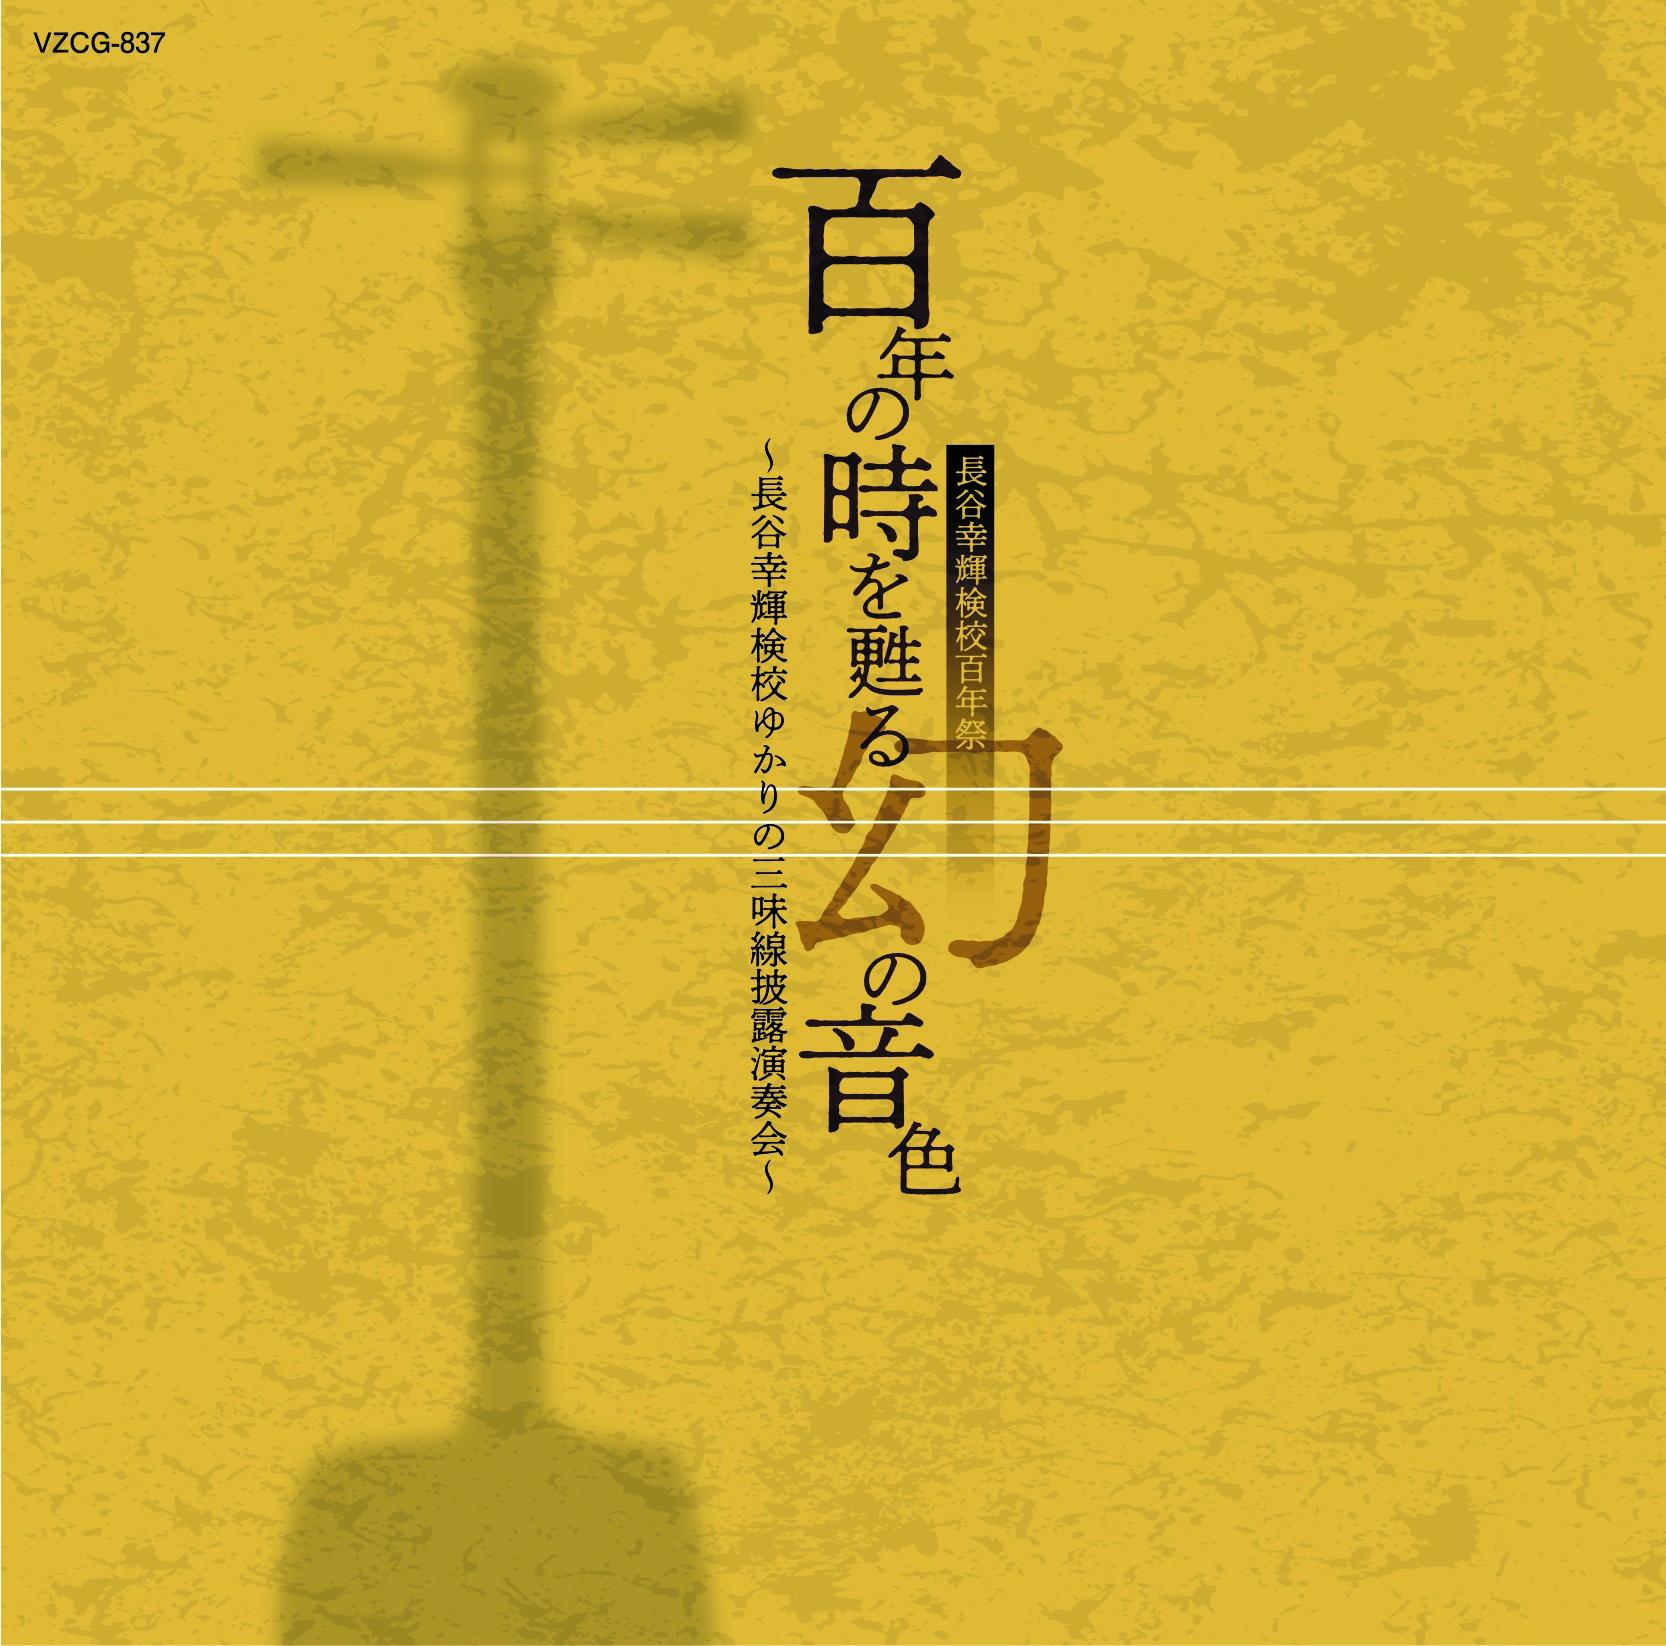 百年の時を甦る幻の音色─長谷幸輝検校ゆかりの三味線披露演奏会[1622]